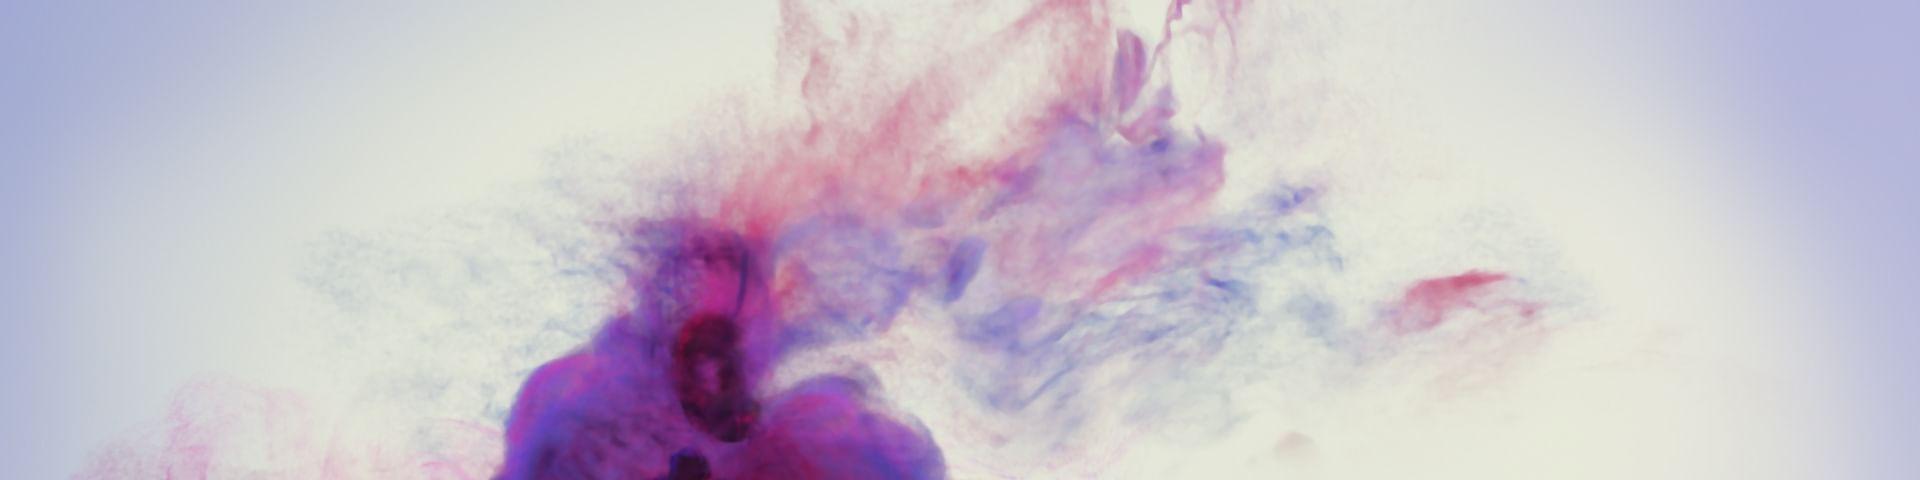 Die unvergleichbare Jeanne Moreau